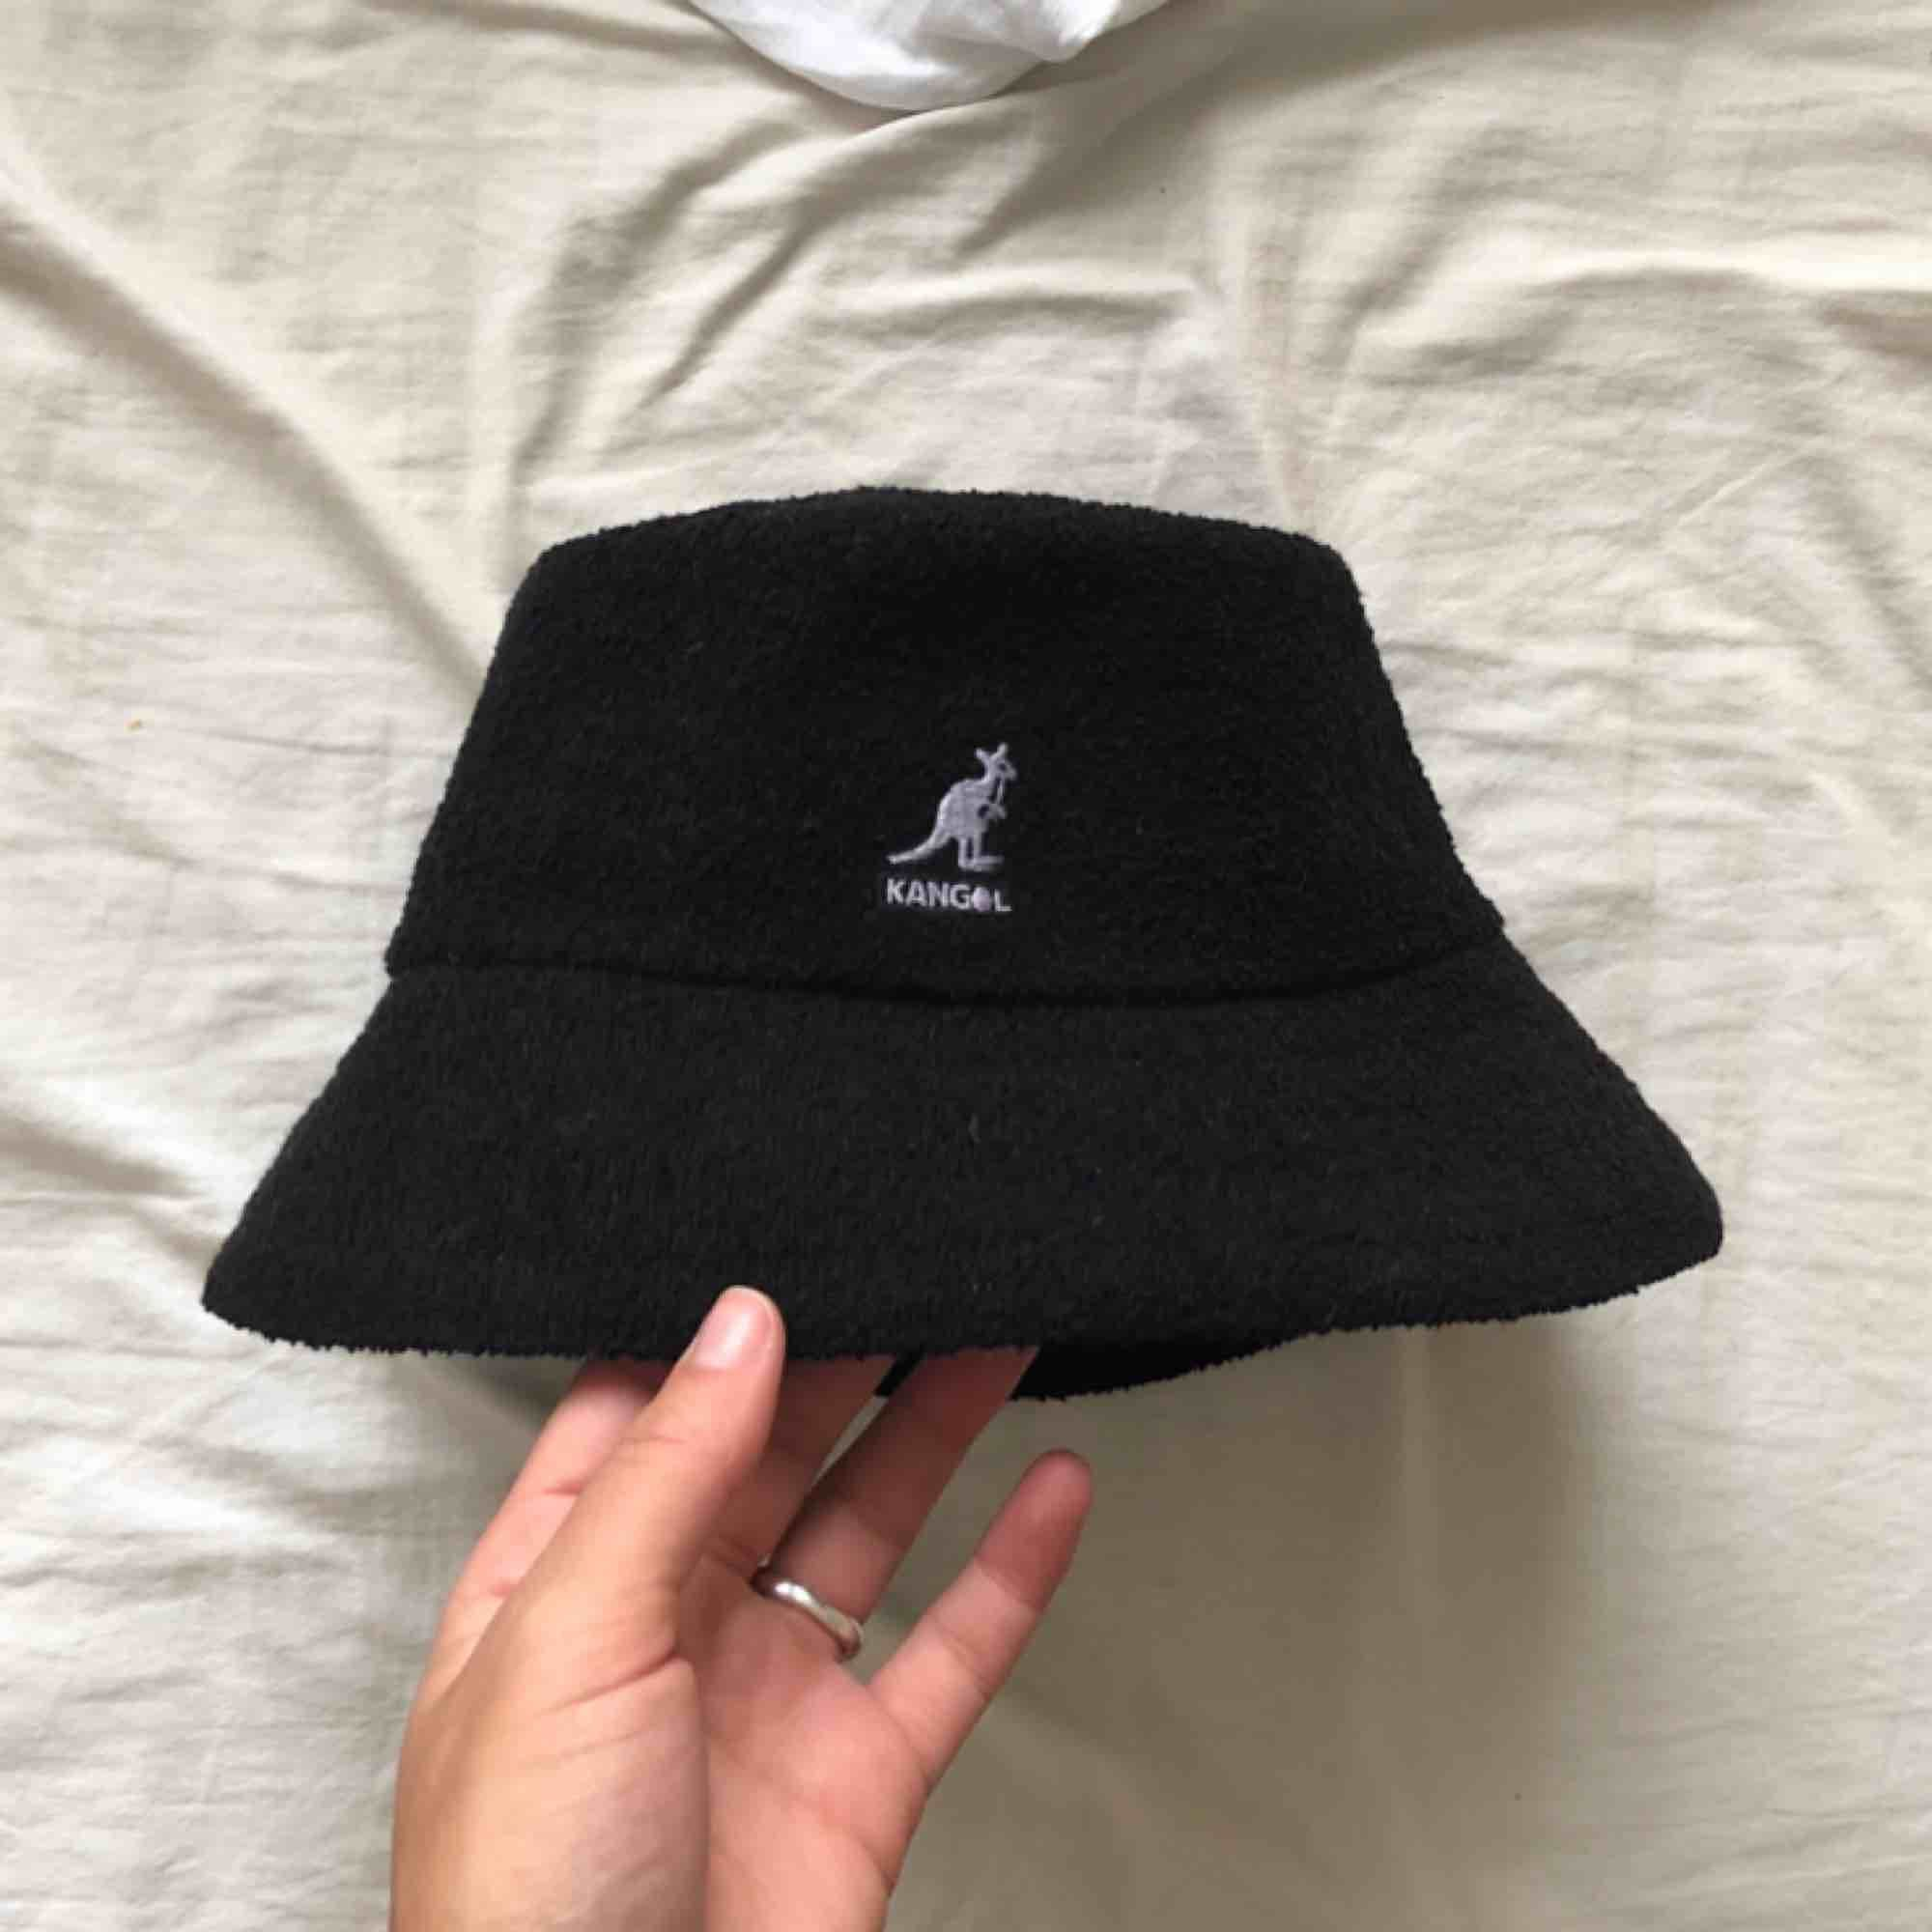 Äkta kangol bermuda bucket hat med ljuslila känguru. Storlek S, använd en gång. . Accessoarer.